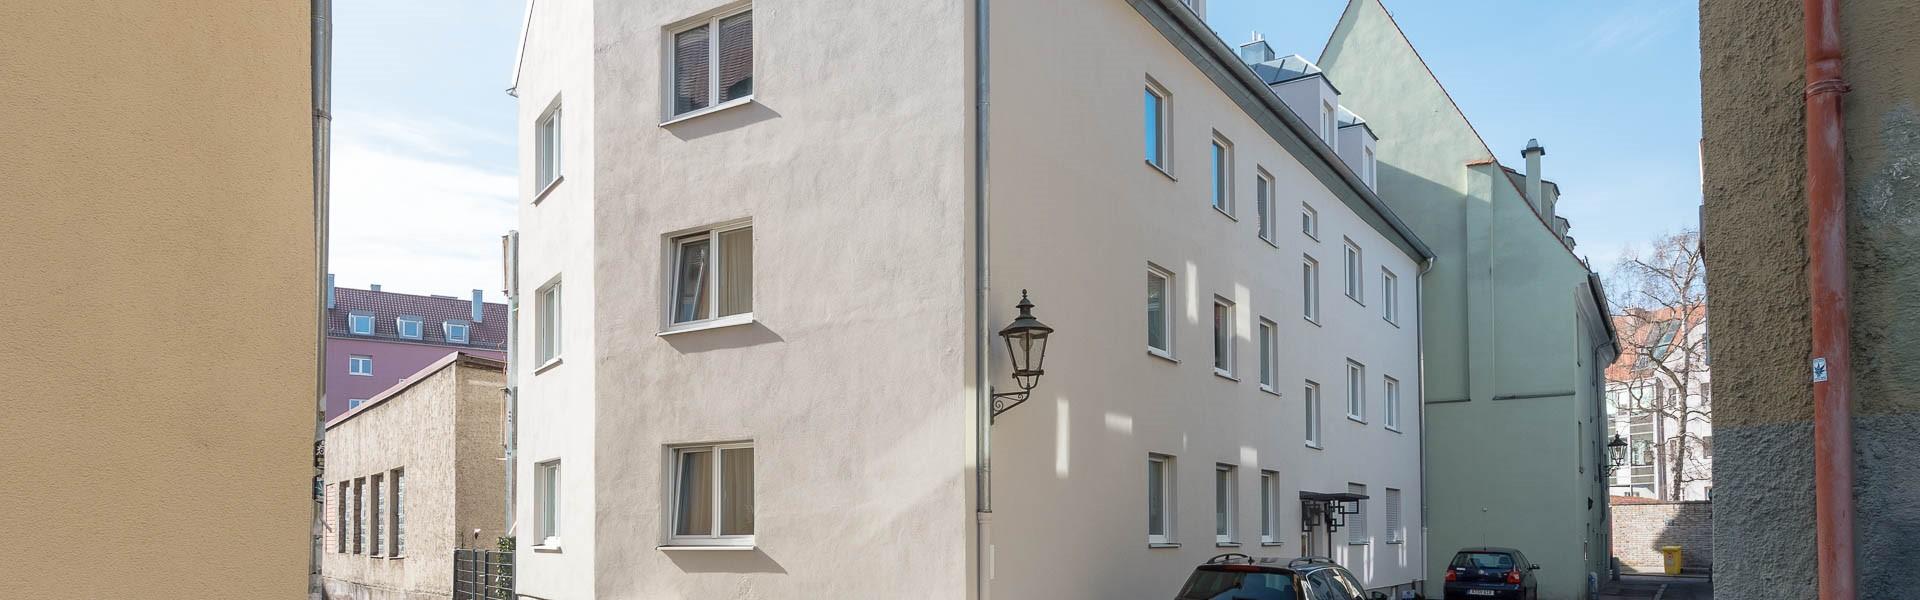 Scherer_Immobilien_fuenftes_Quergaesschen_Augsburg